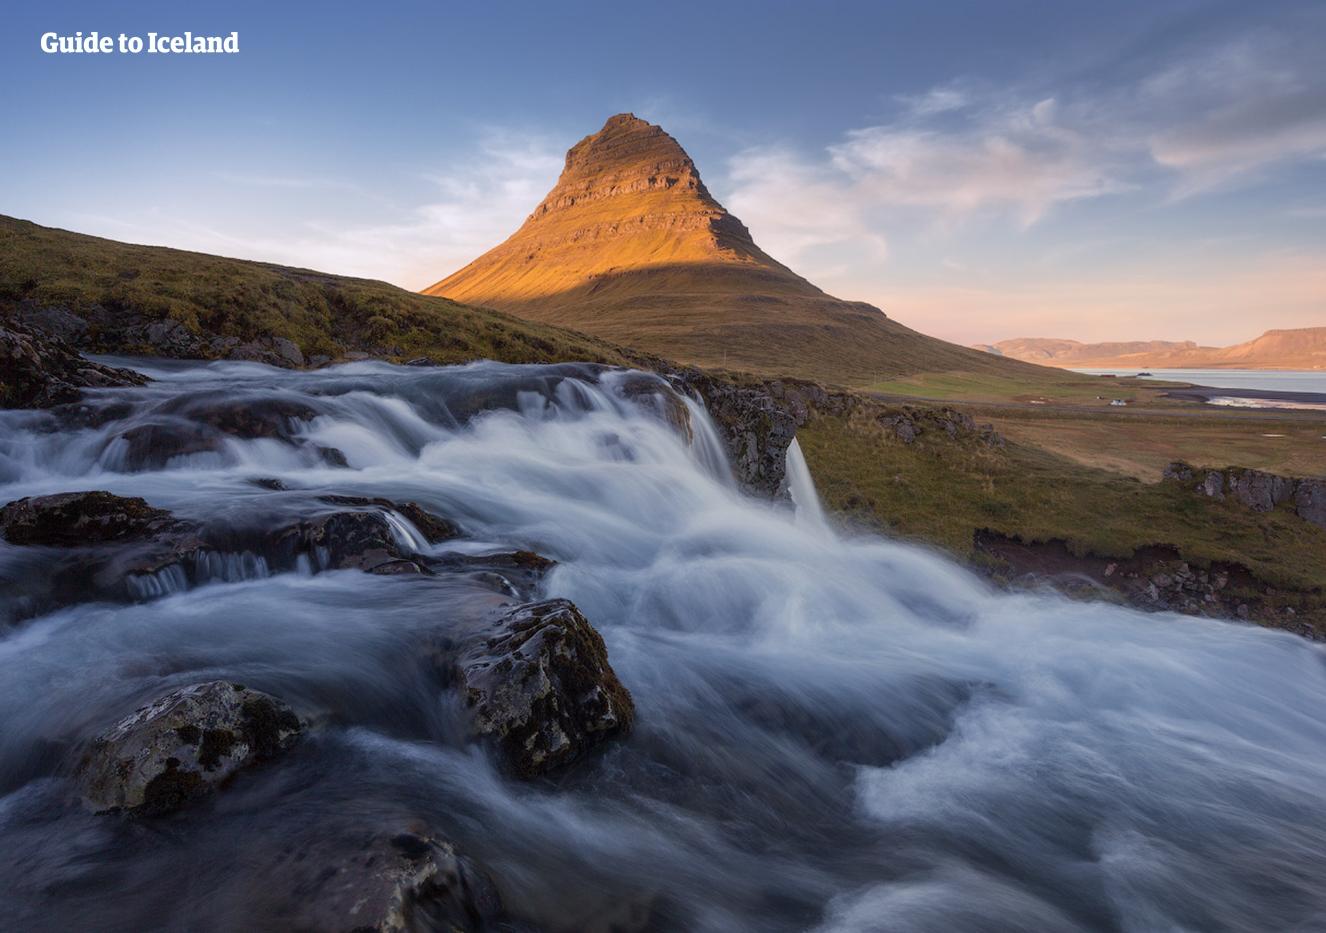 Wodospad Kirkjufellsfoss to jedno z najczęściej odwiedzanych miejsc na półwyspie Snaefellsnes, w trakcie wycieczki objazdowej po Islandii.